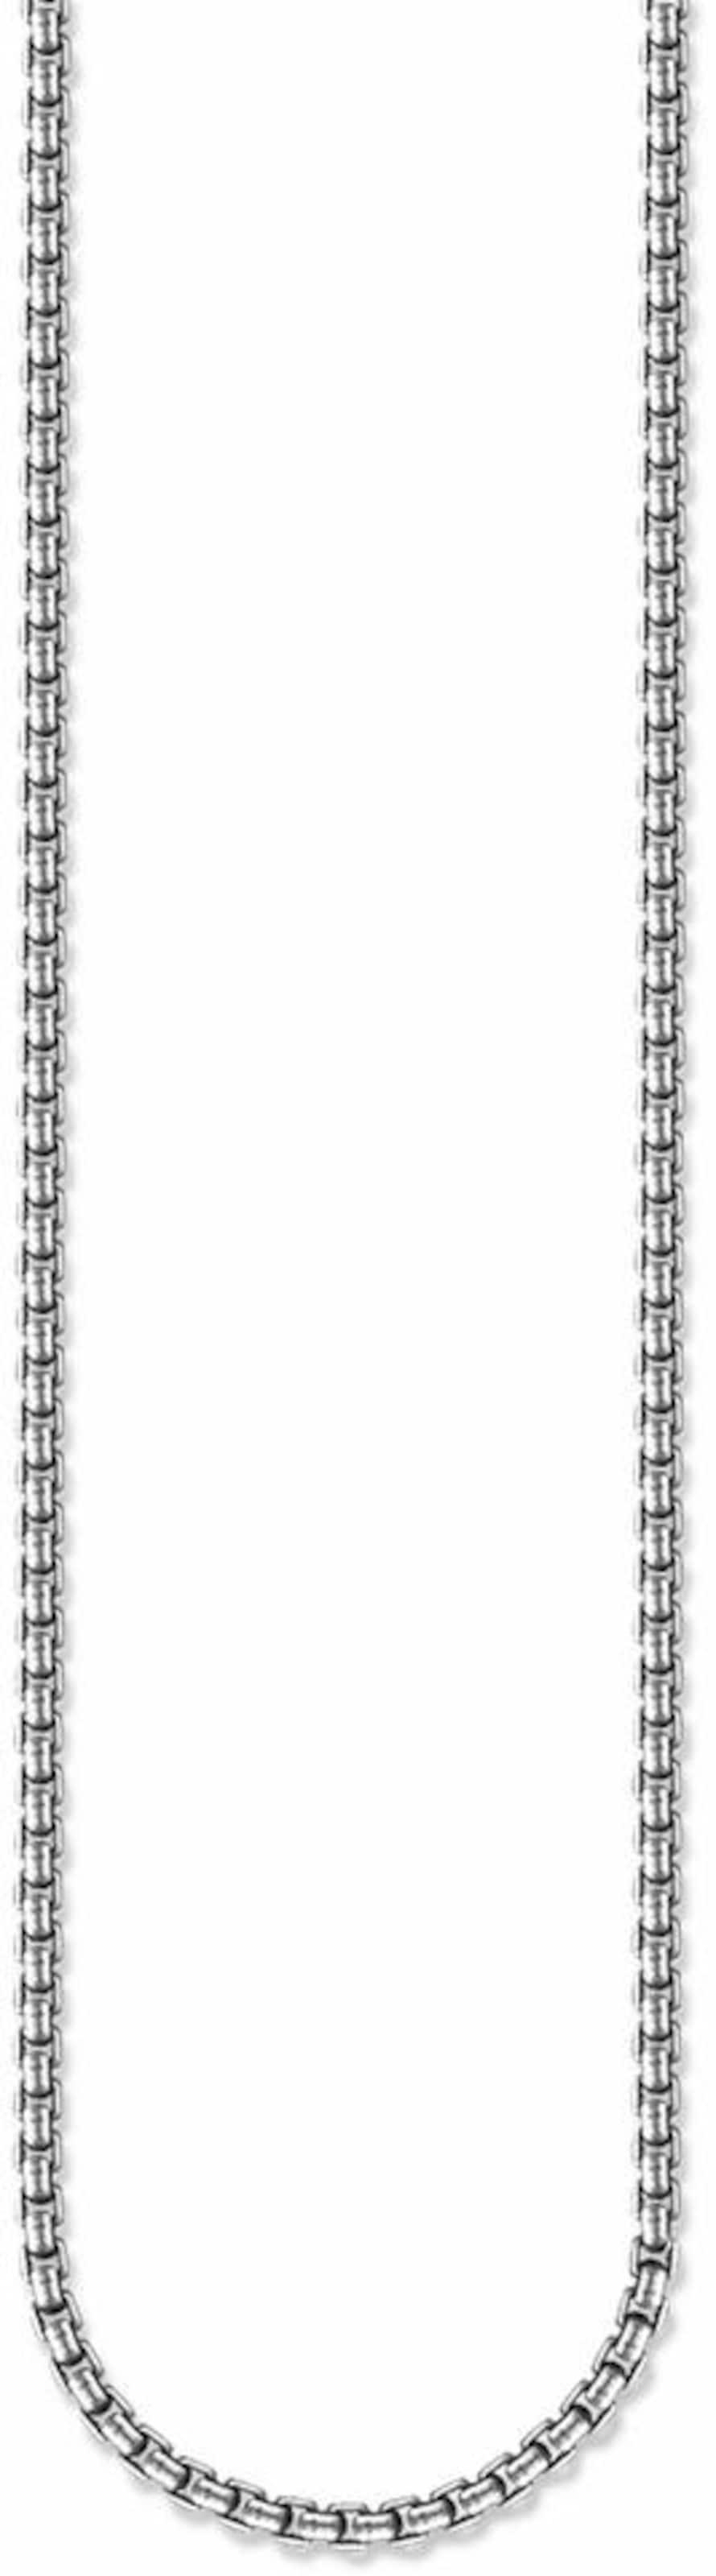 Große Diskont Günstig Online Countdown Paketverkauf Online Thomas Sabo Silberkette Günstig Kaufen Genießen NgZlFphmte